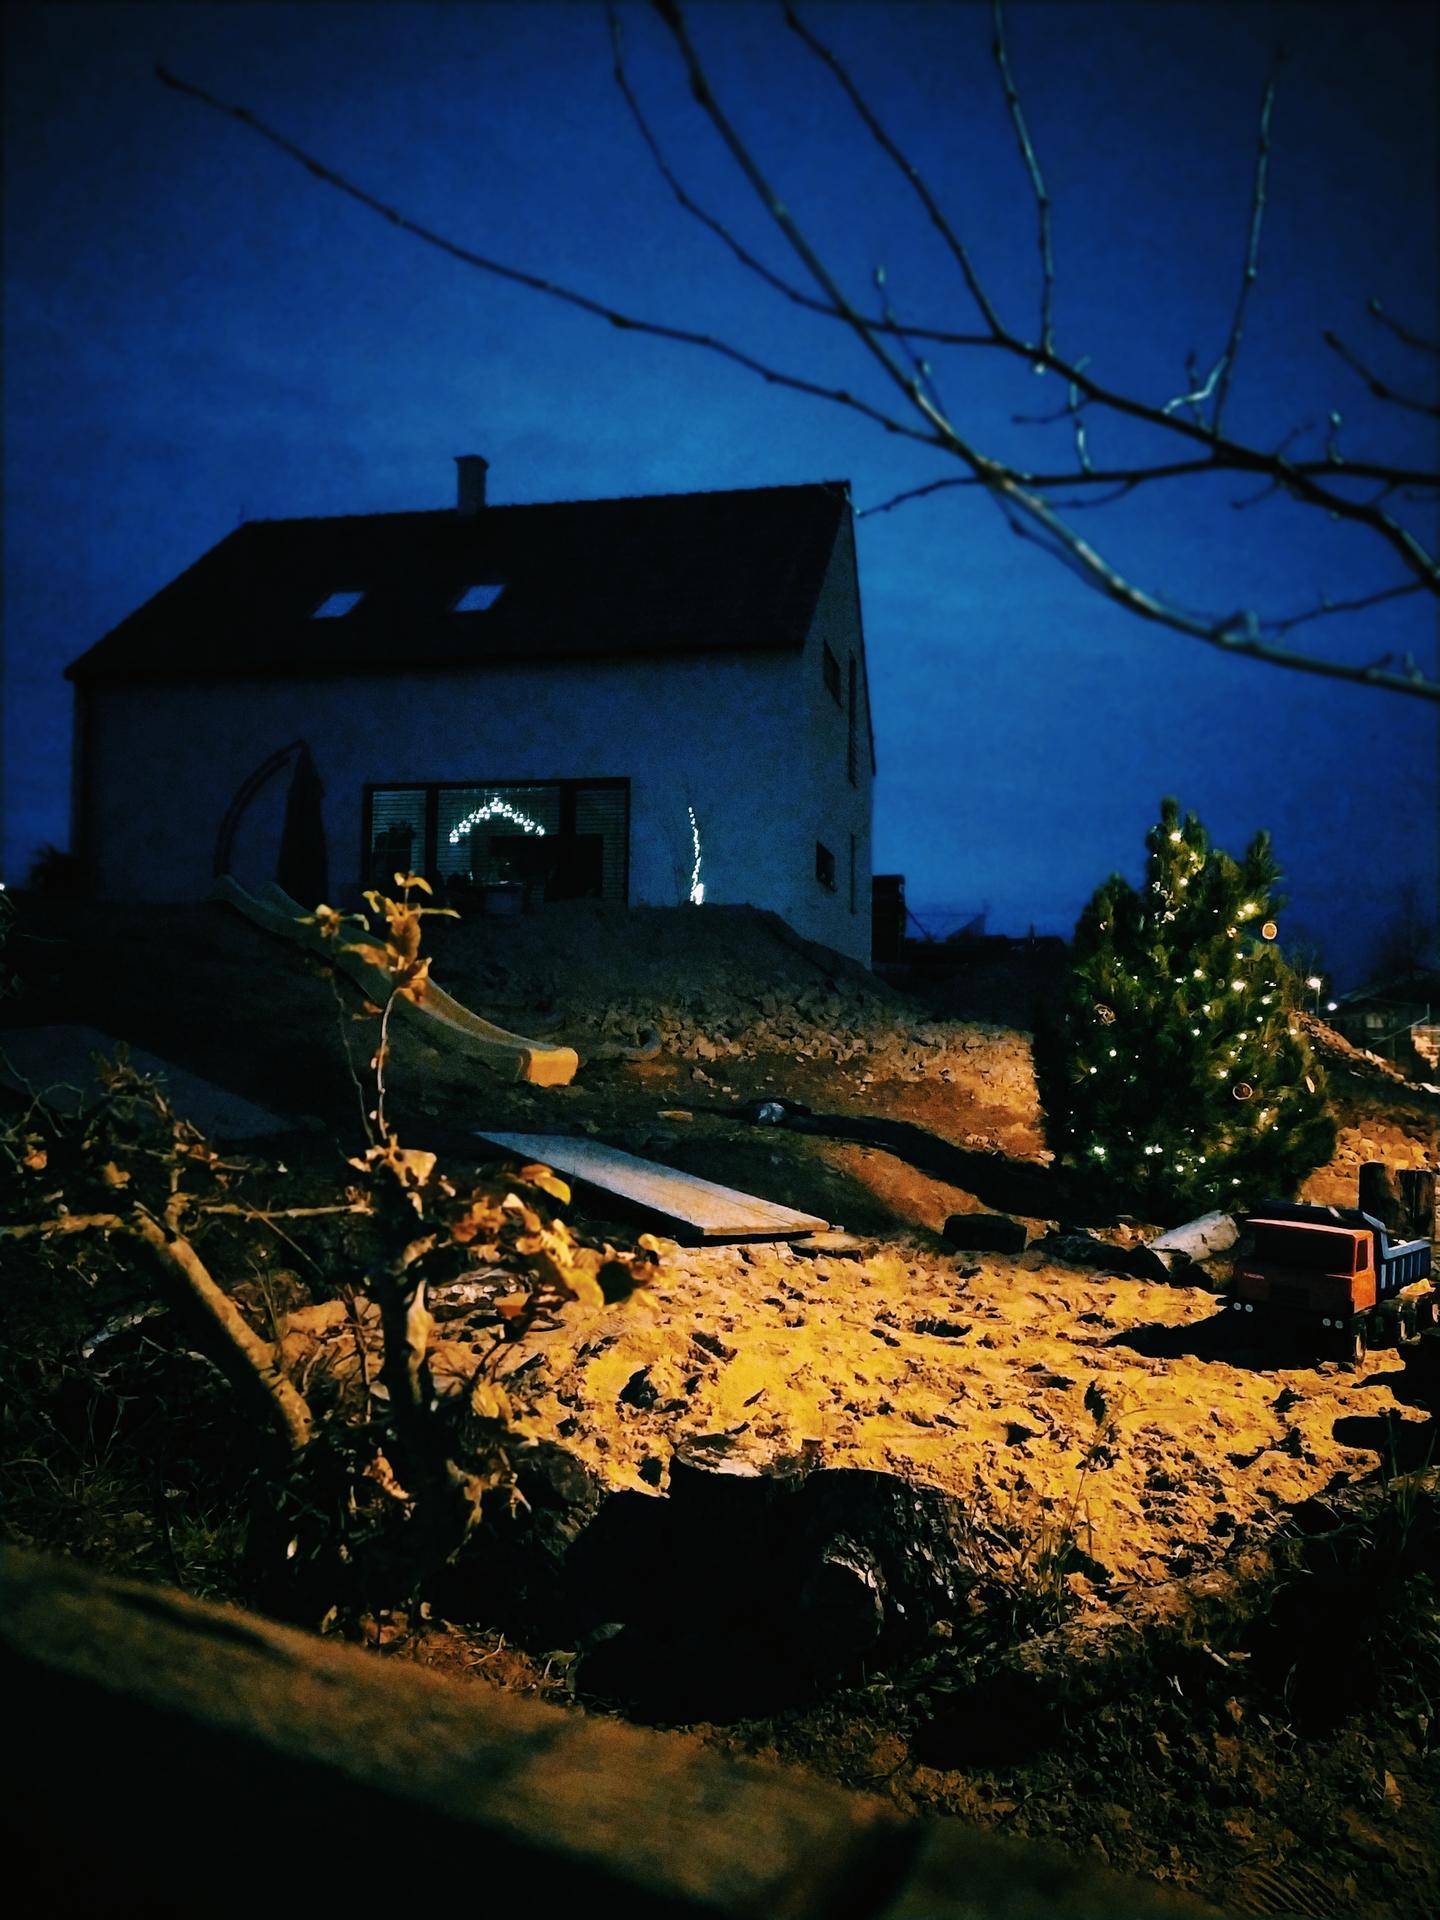 Náš domov ve svahu - Začínáme s vánoční výzdobou